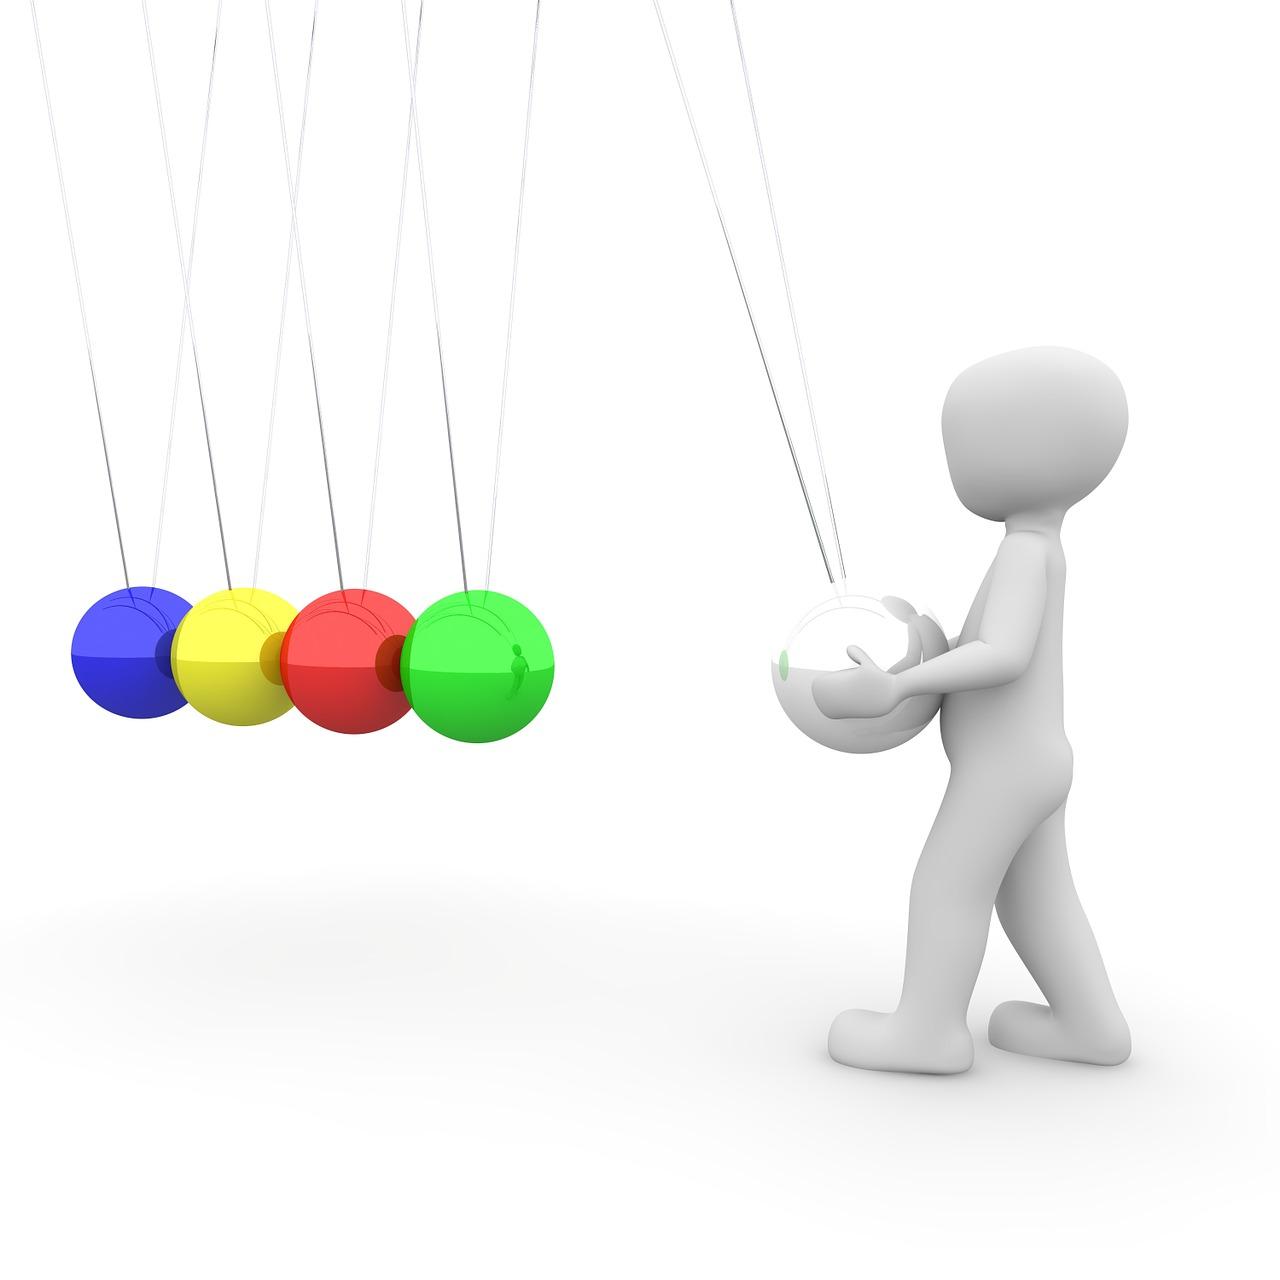 Online-Kurs Zeitmanagement, Selbstmanagement, Effizienz, produktiver werden. Schweinehund besiegen, Schweinehund überwinden, priorisieren, Zeitmanagement-Methden